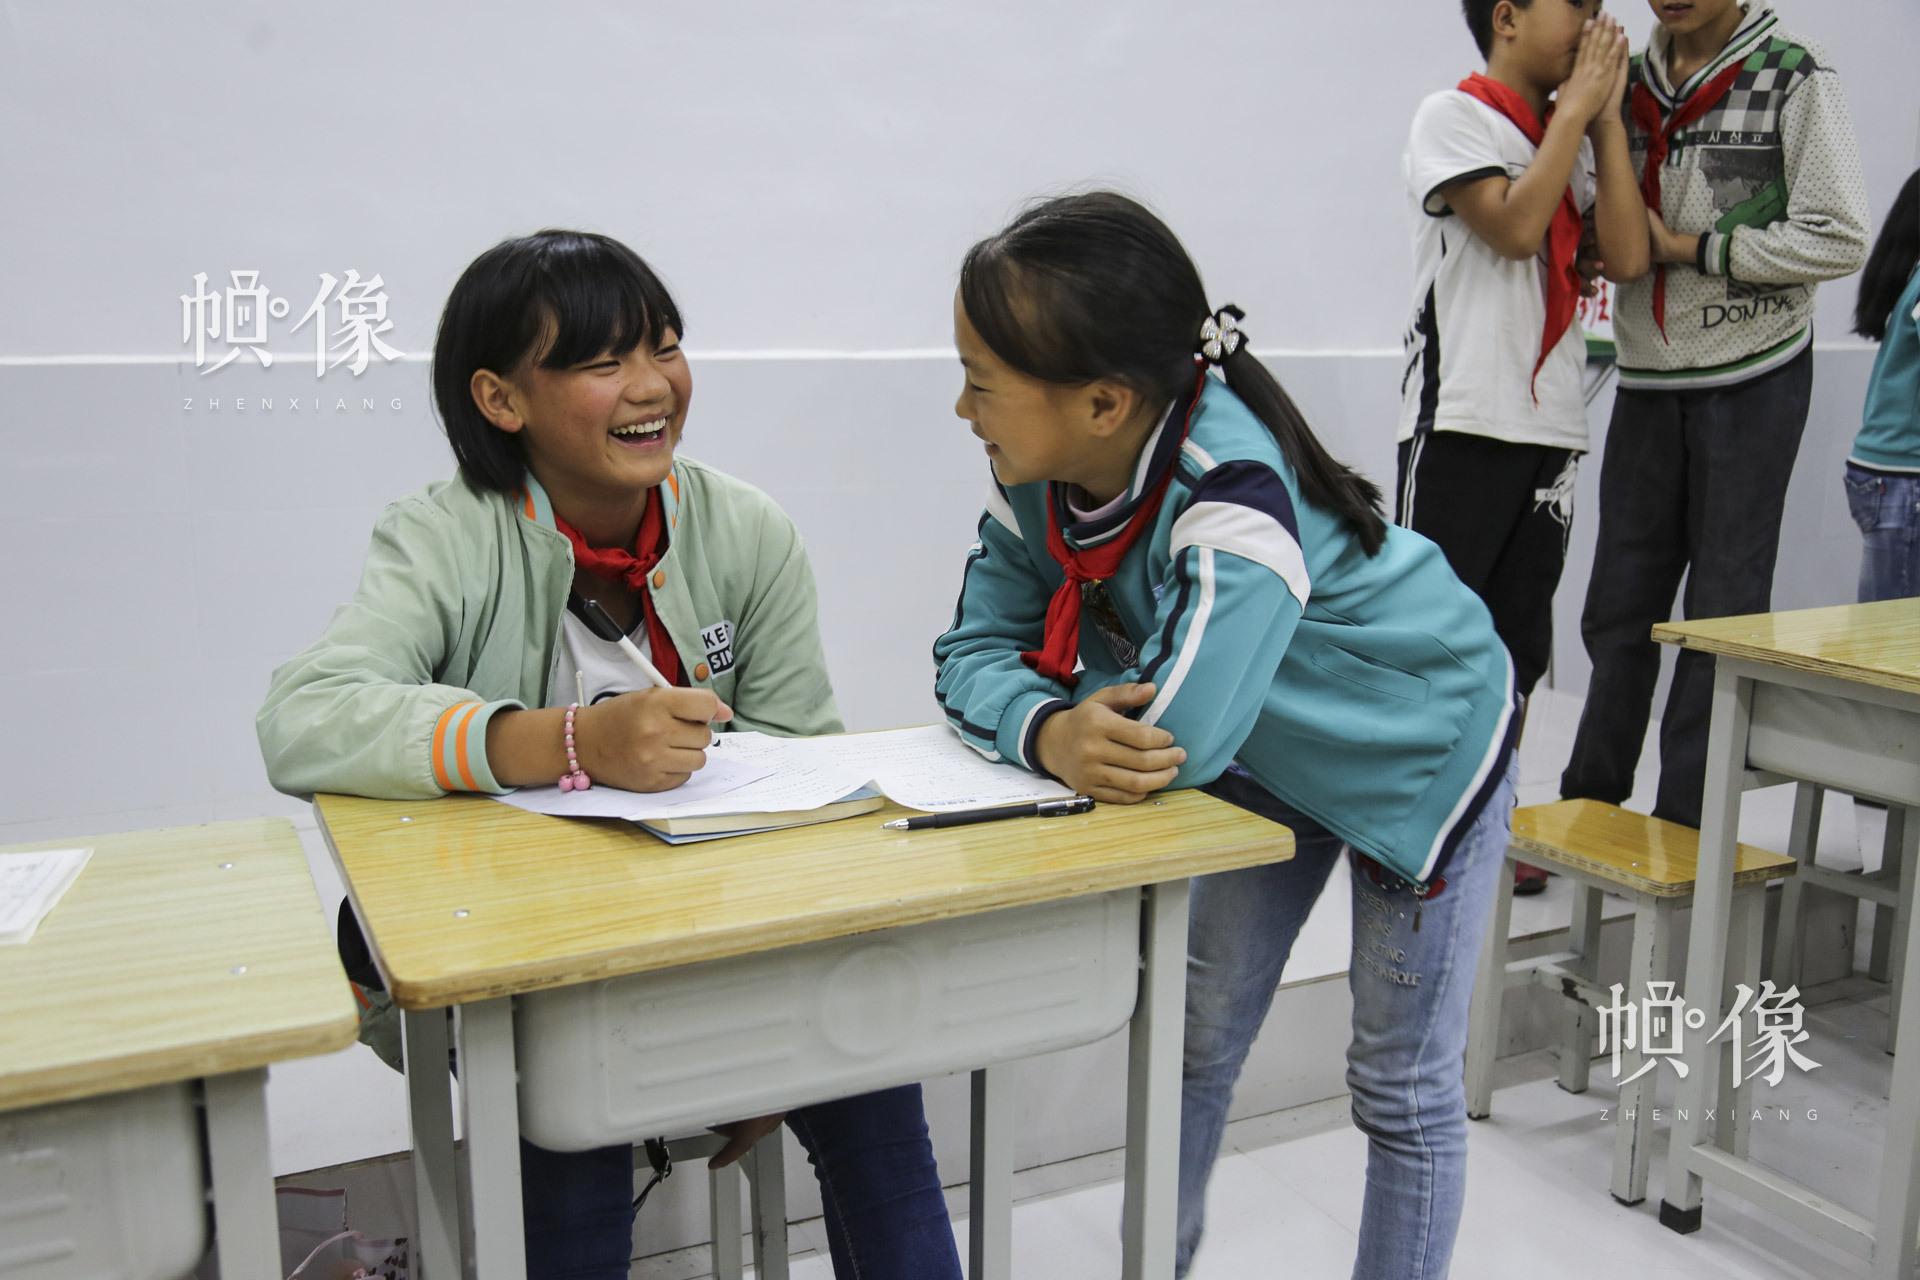 """12岁的肖欢欢(左)是家里的小女儿,她19岁的姐姐在江西一所大学读大二。为了供肖欢欢的姐姐上大学,肖阳品去福建做搬运工。""""他已经有两年没有回家了,我一般一两年才可以见他一次。""""肖欢欢说。中国网记者 黄富友 摄"""